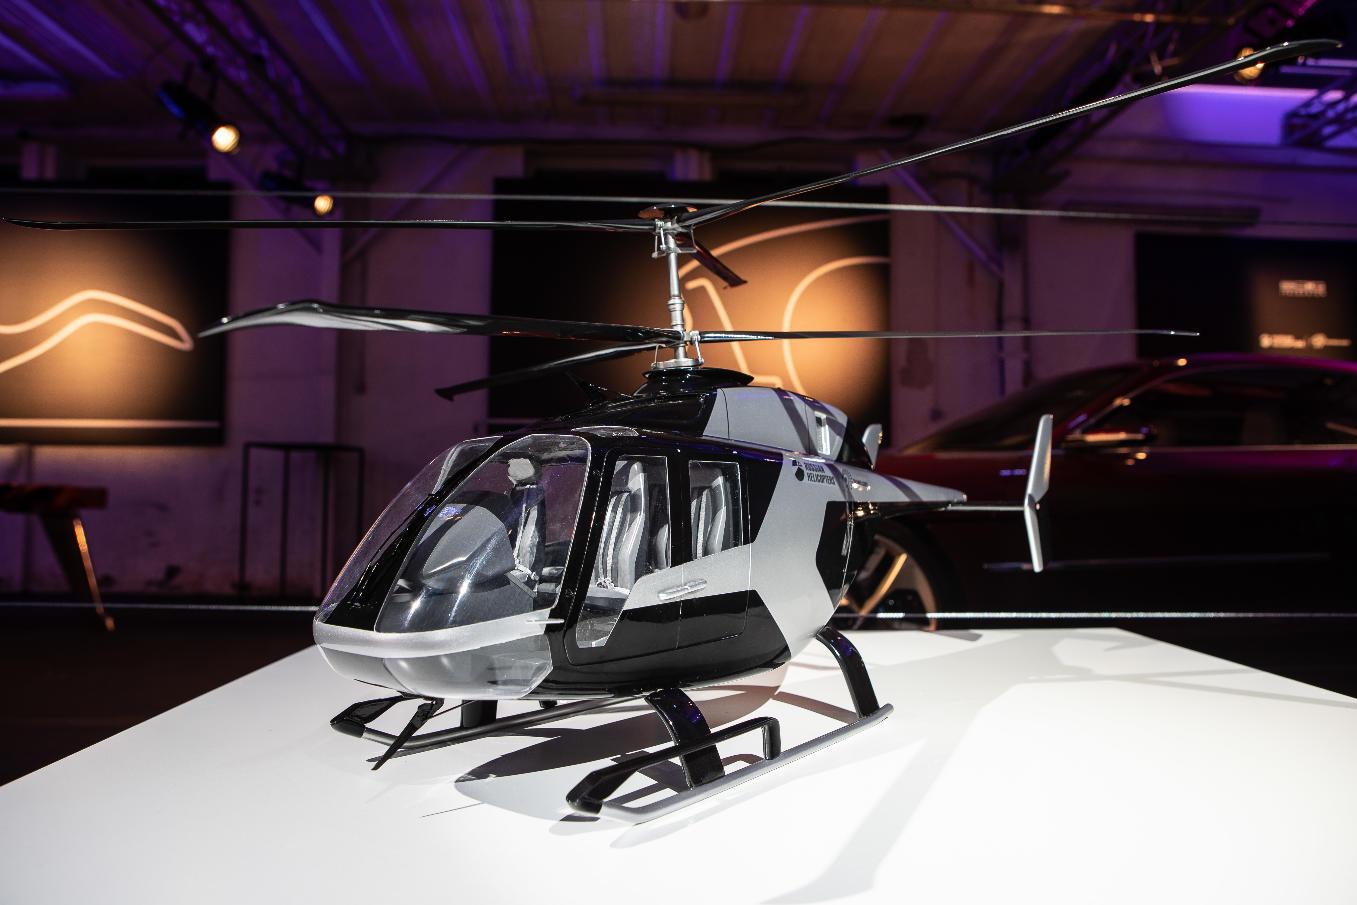 L'hélicoptère russe VRT 500 présenté à Milan en maquette